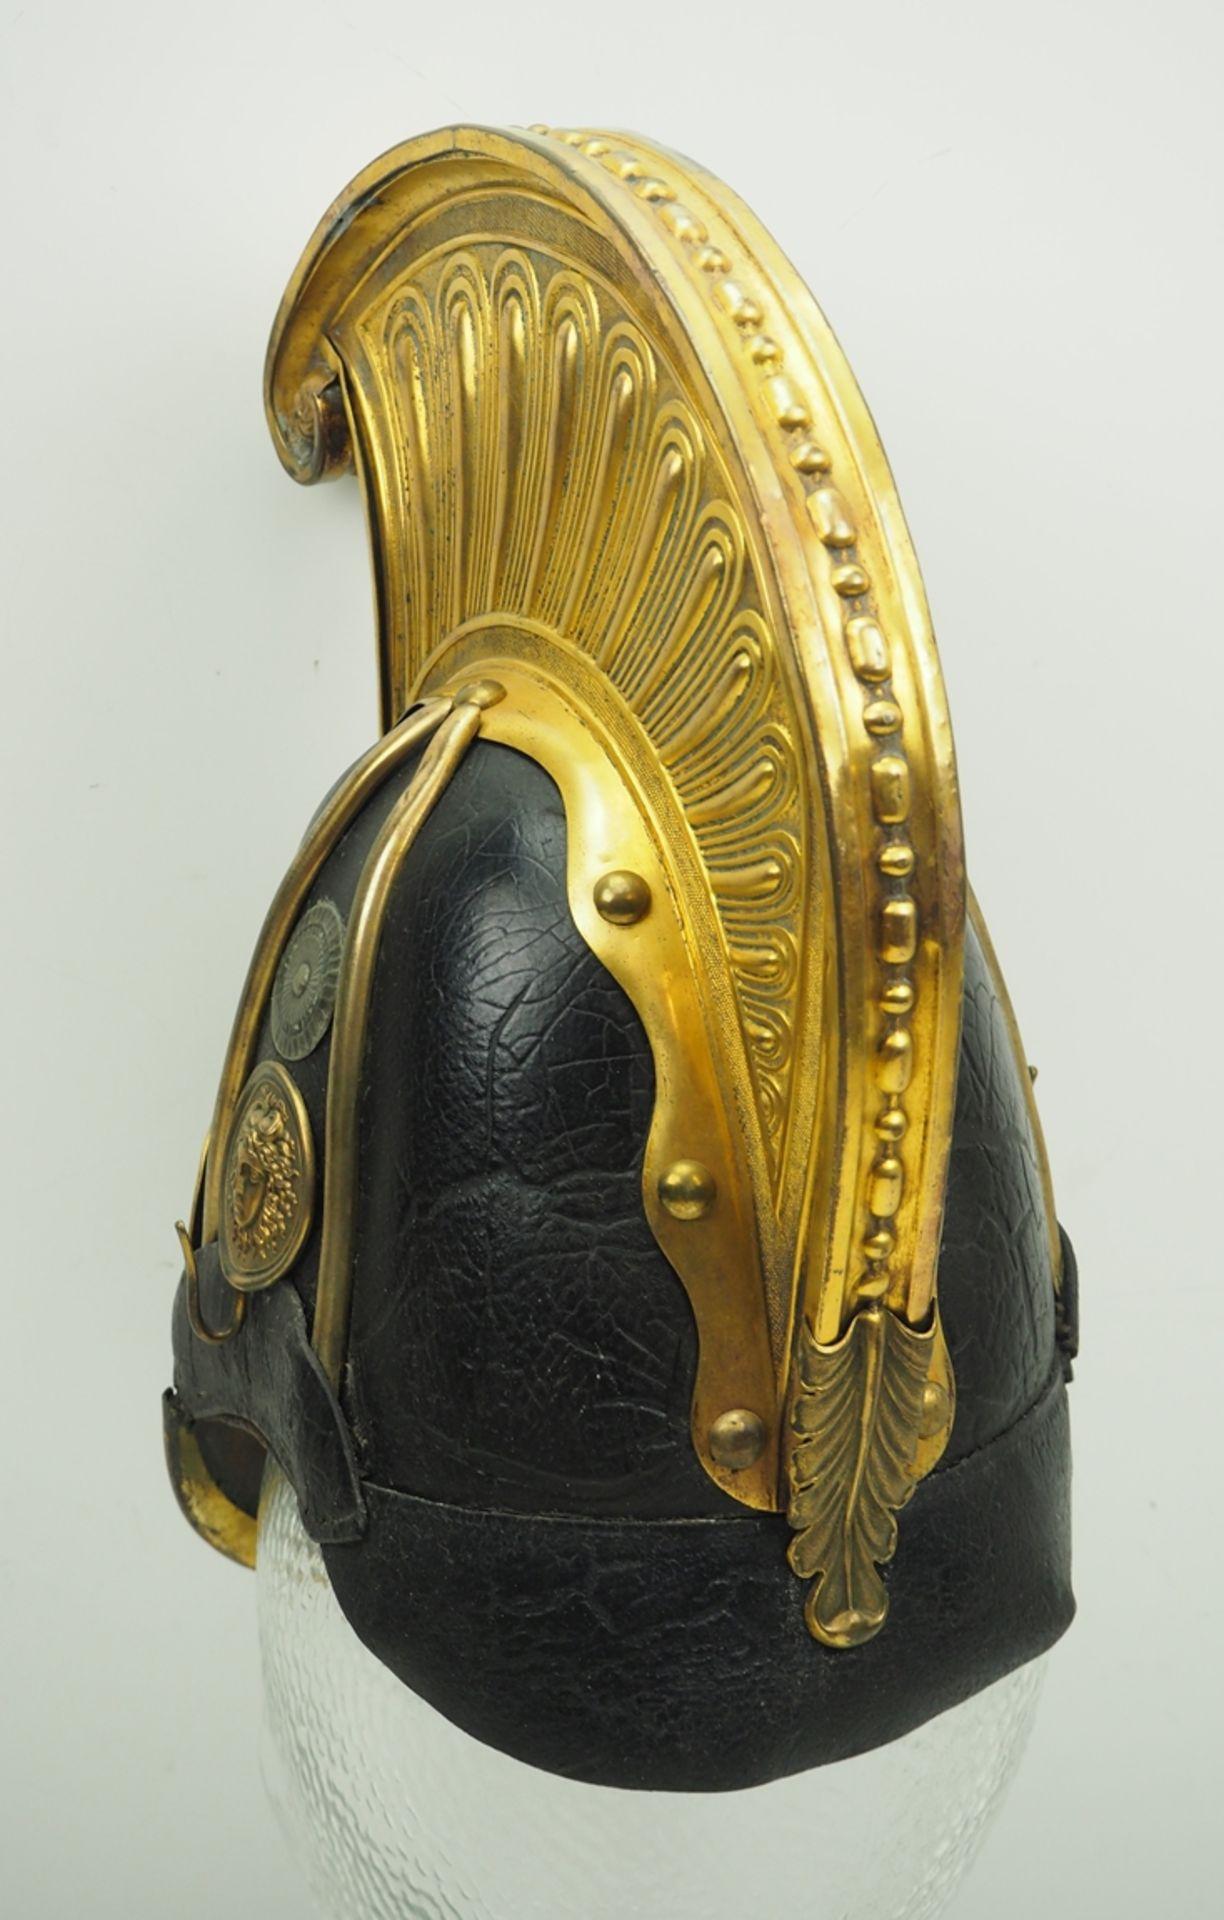 Sachsen: Gardereiter, Helm für Offiziere Modell 1860. - Bild 4 aus 5